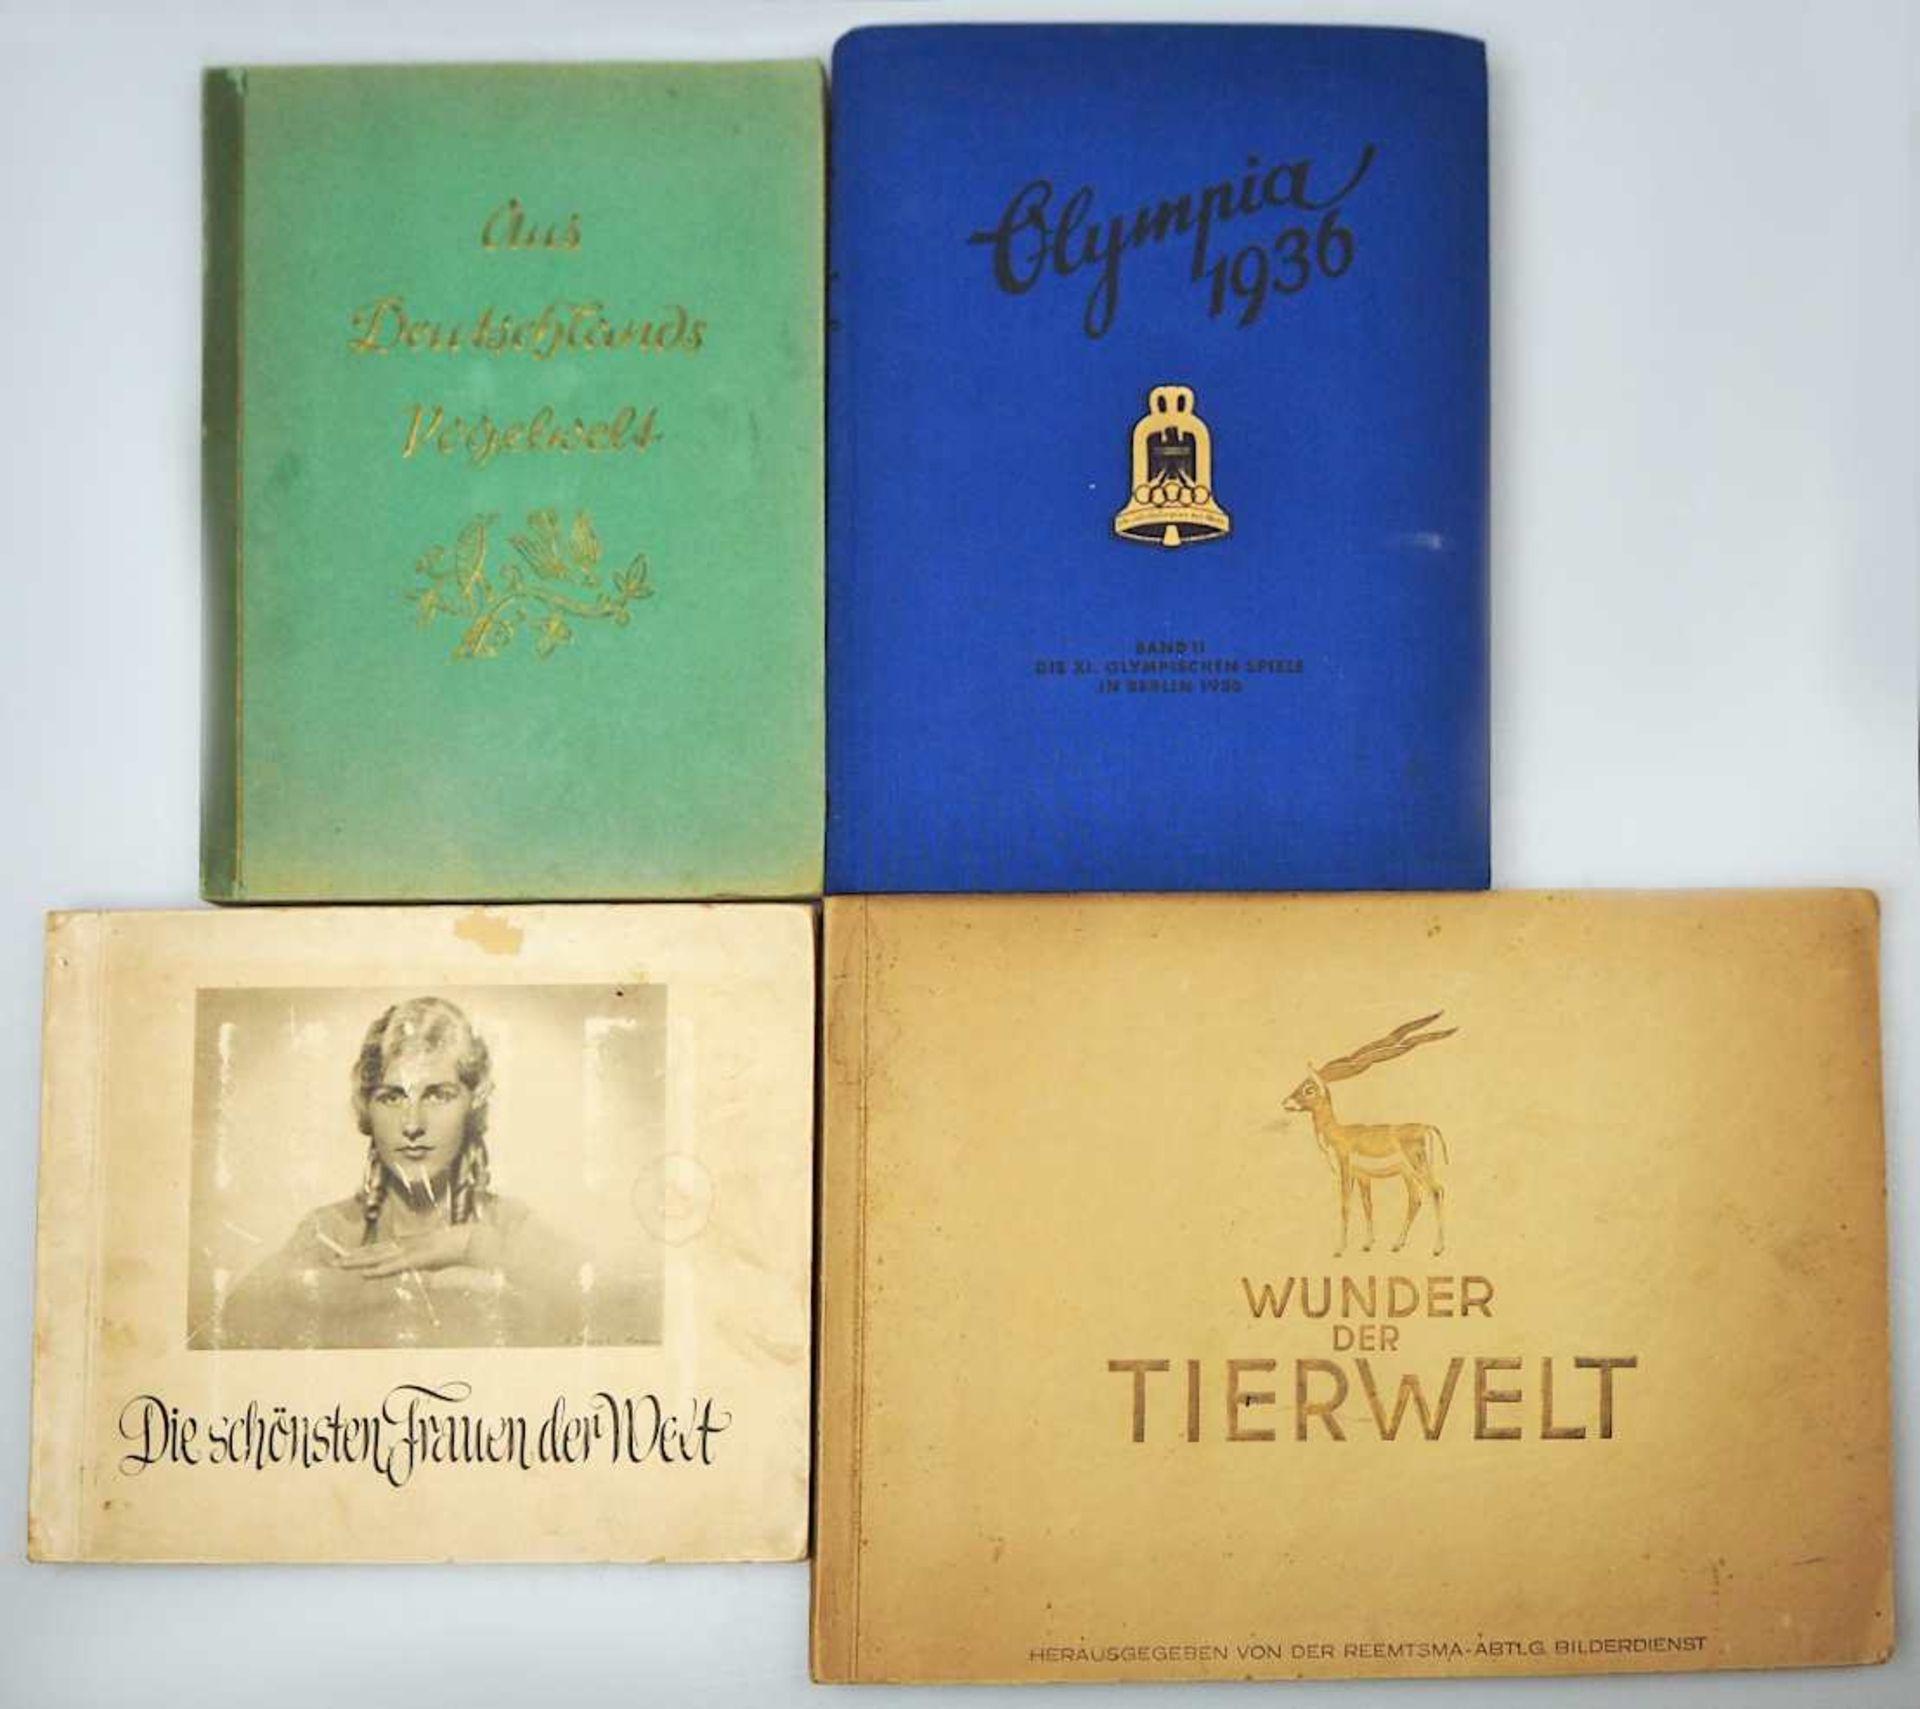 """1 Konv. Sammelbilderalben, 1 Hälfte 20. Jh.: """"Deutsche Kultur Bilder"""",""""Wunder der Tie"""